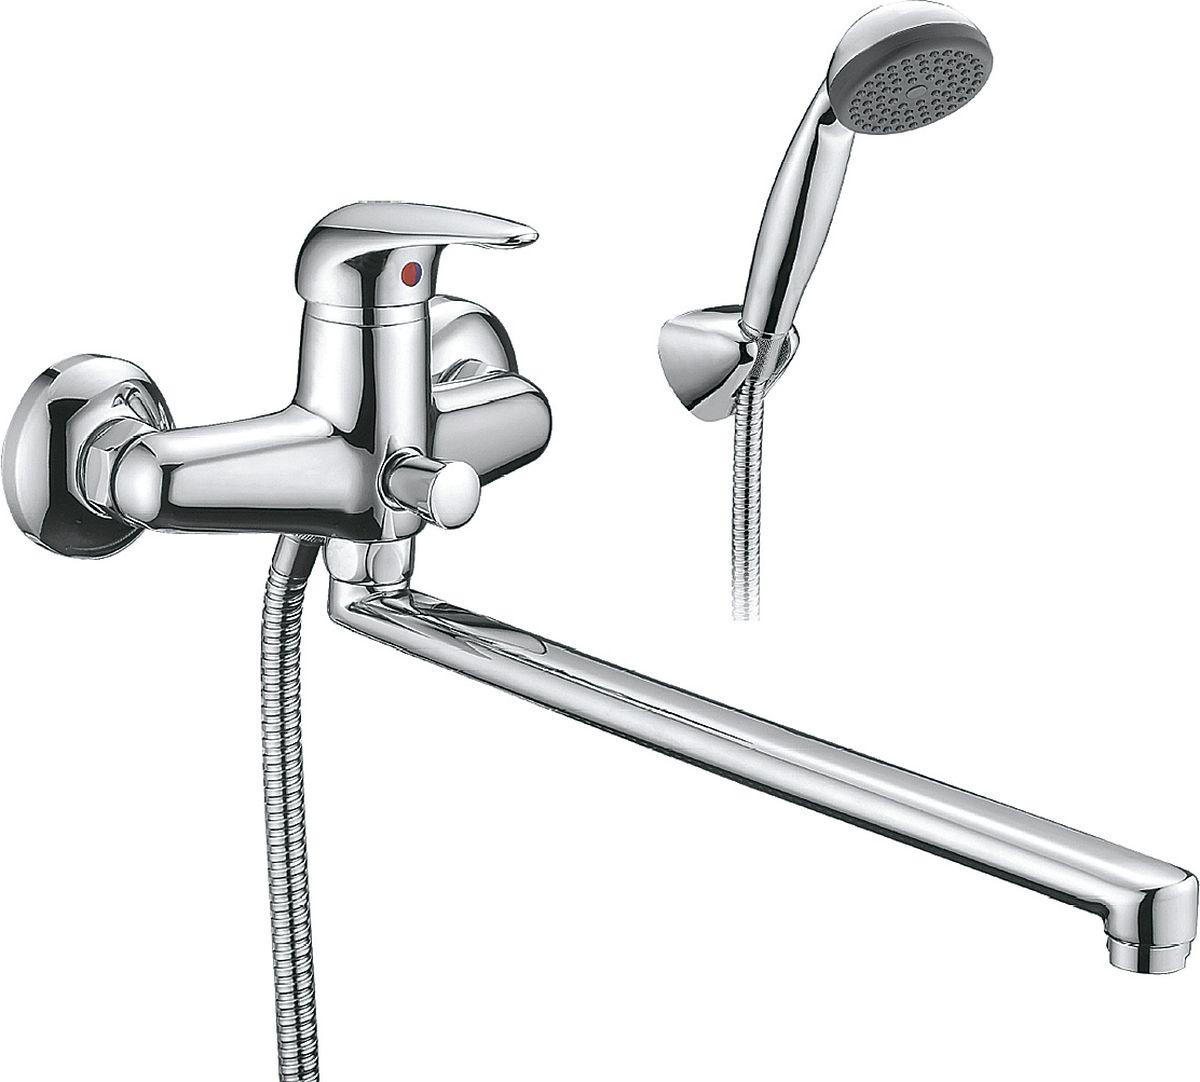 Смеситель для ванны Smartsant Смарт-Реал, с поворотным изливом, цвет: хром смеситель для кухни smartsant смарт кросс sm110009aa